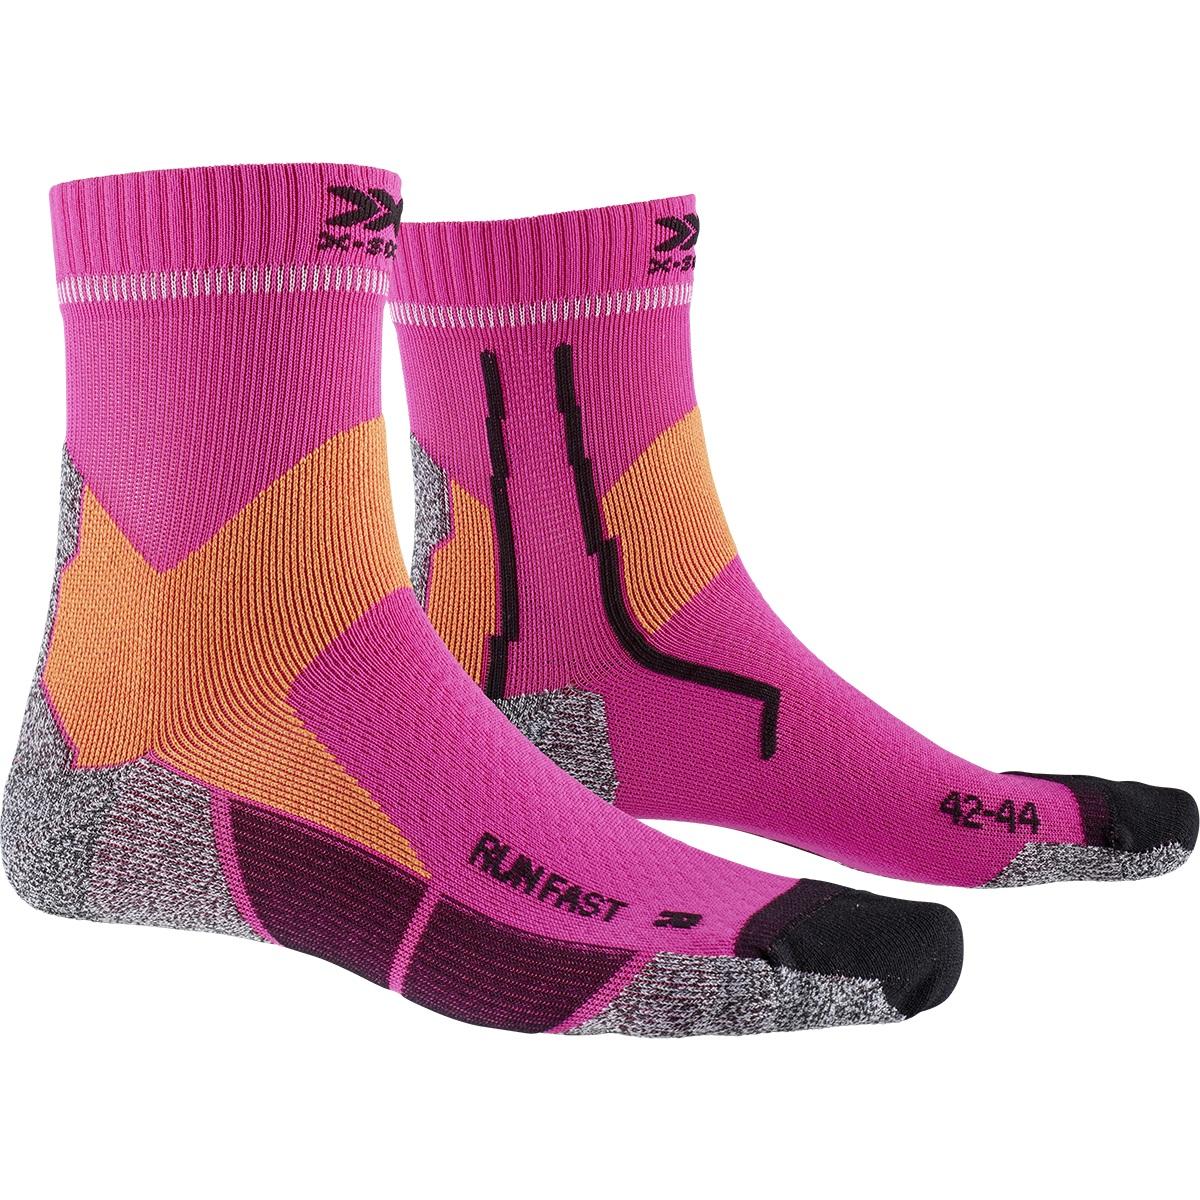 Bild von X-Socks Run Fast Laufsocken - flamingo pink/sunset orange